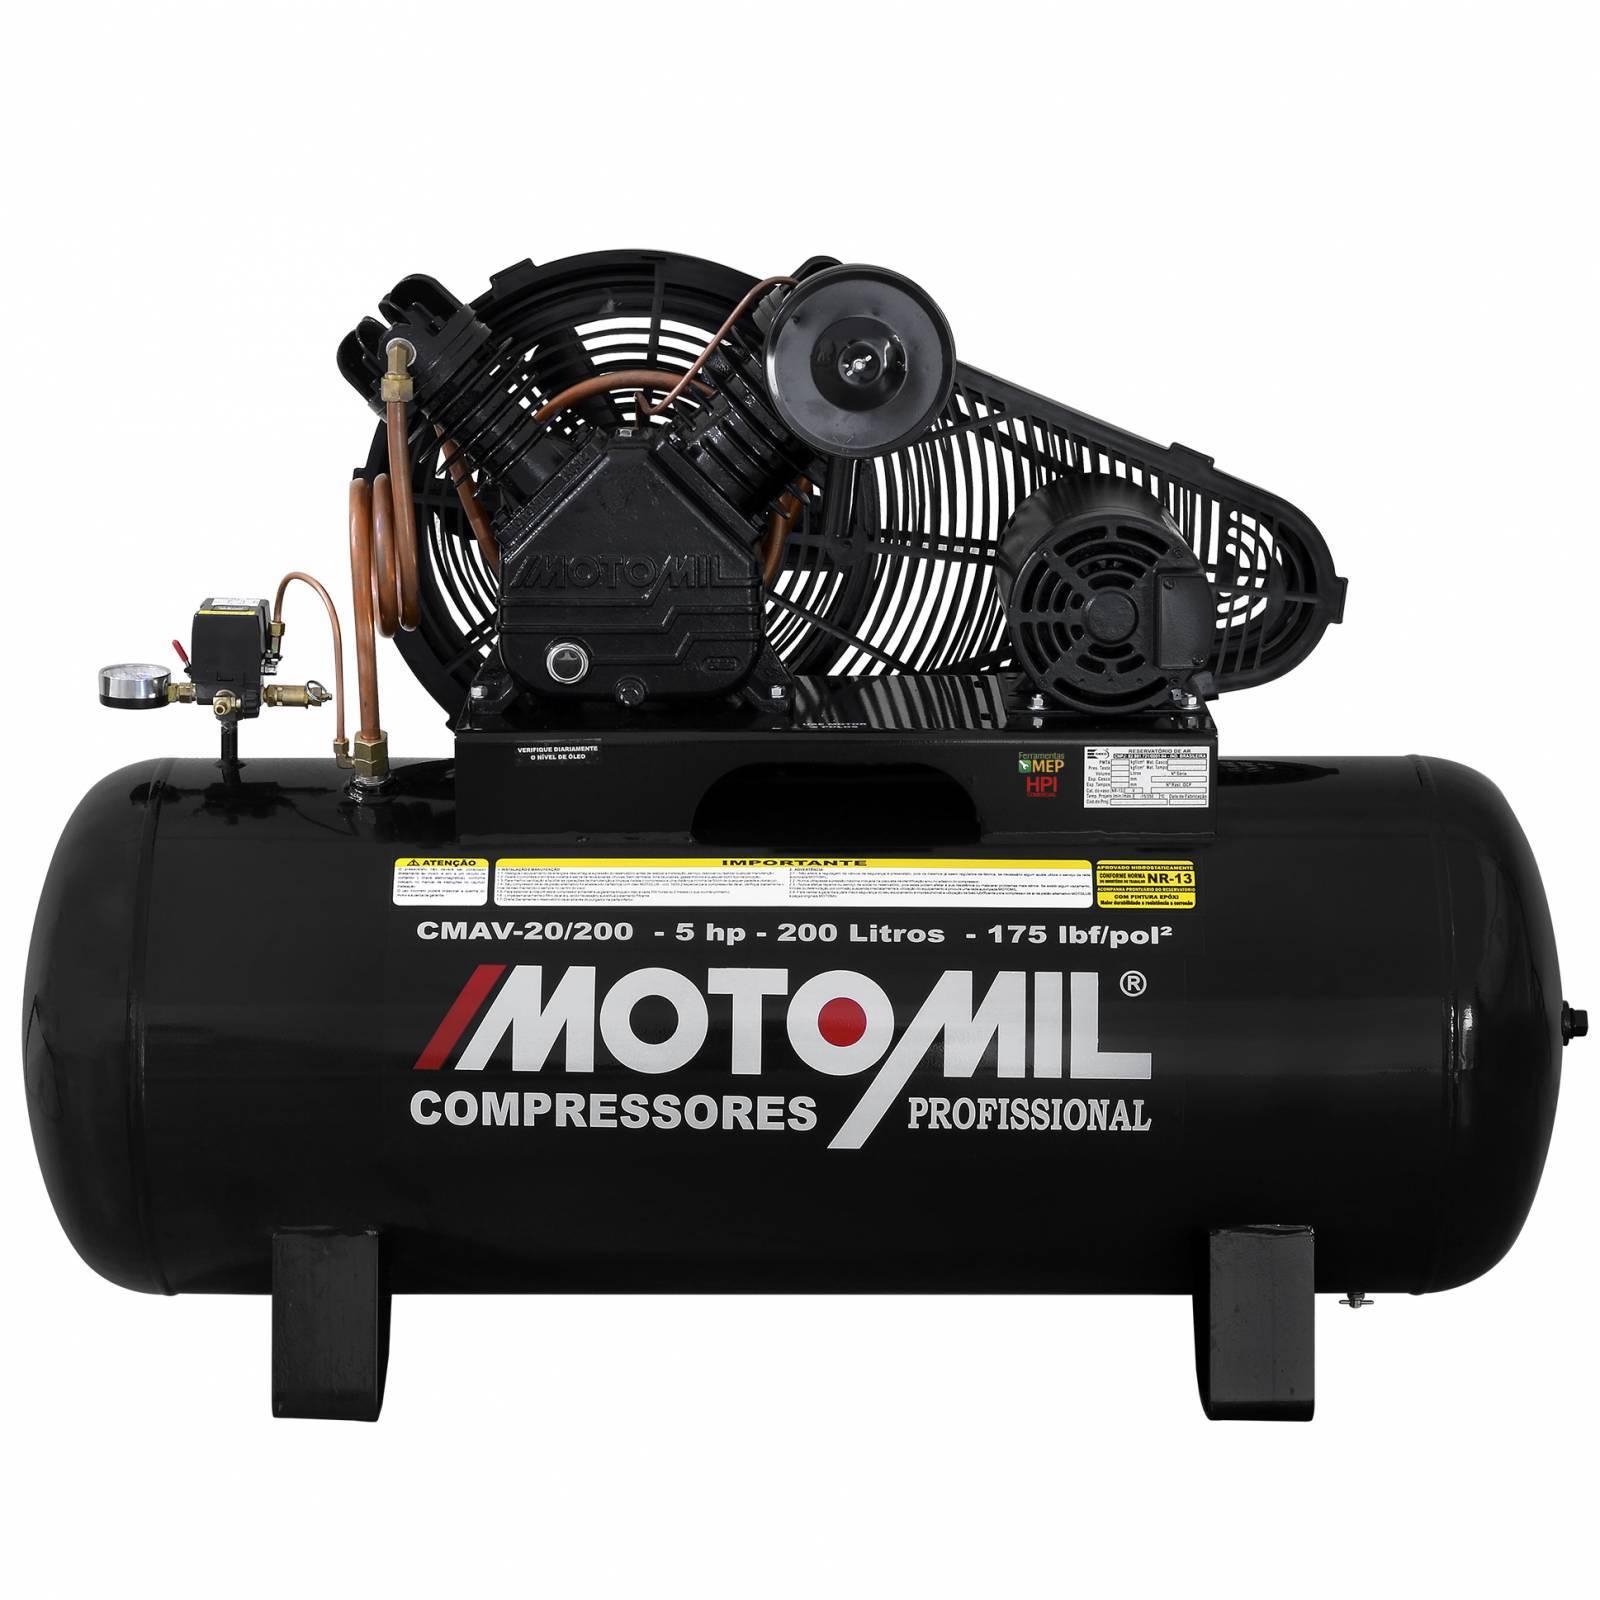 Compressor De Ar Industrial Alta Pressão Motomil CMAV-20/200 - Ferramentas MEP